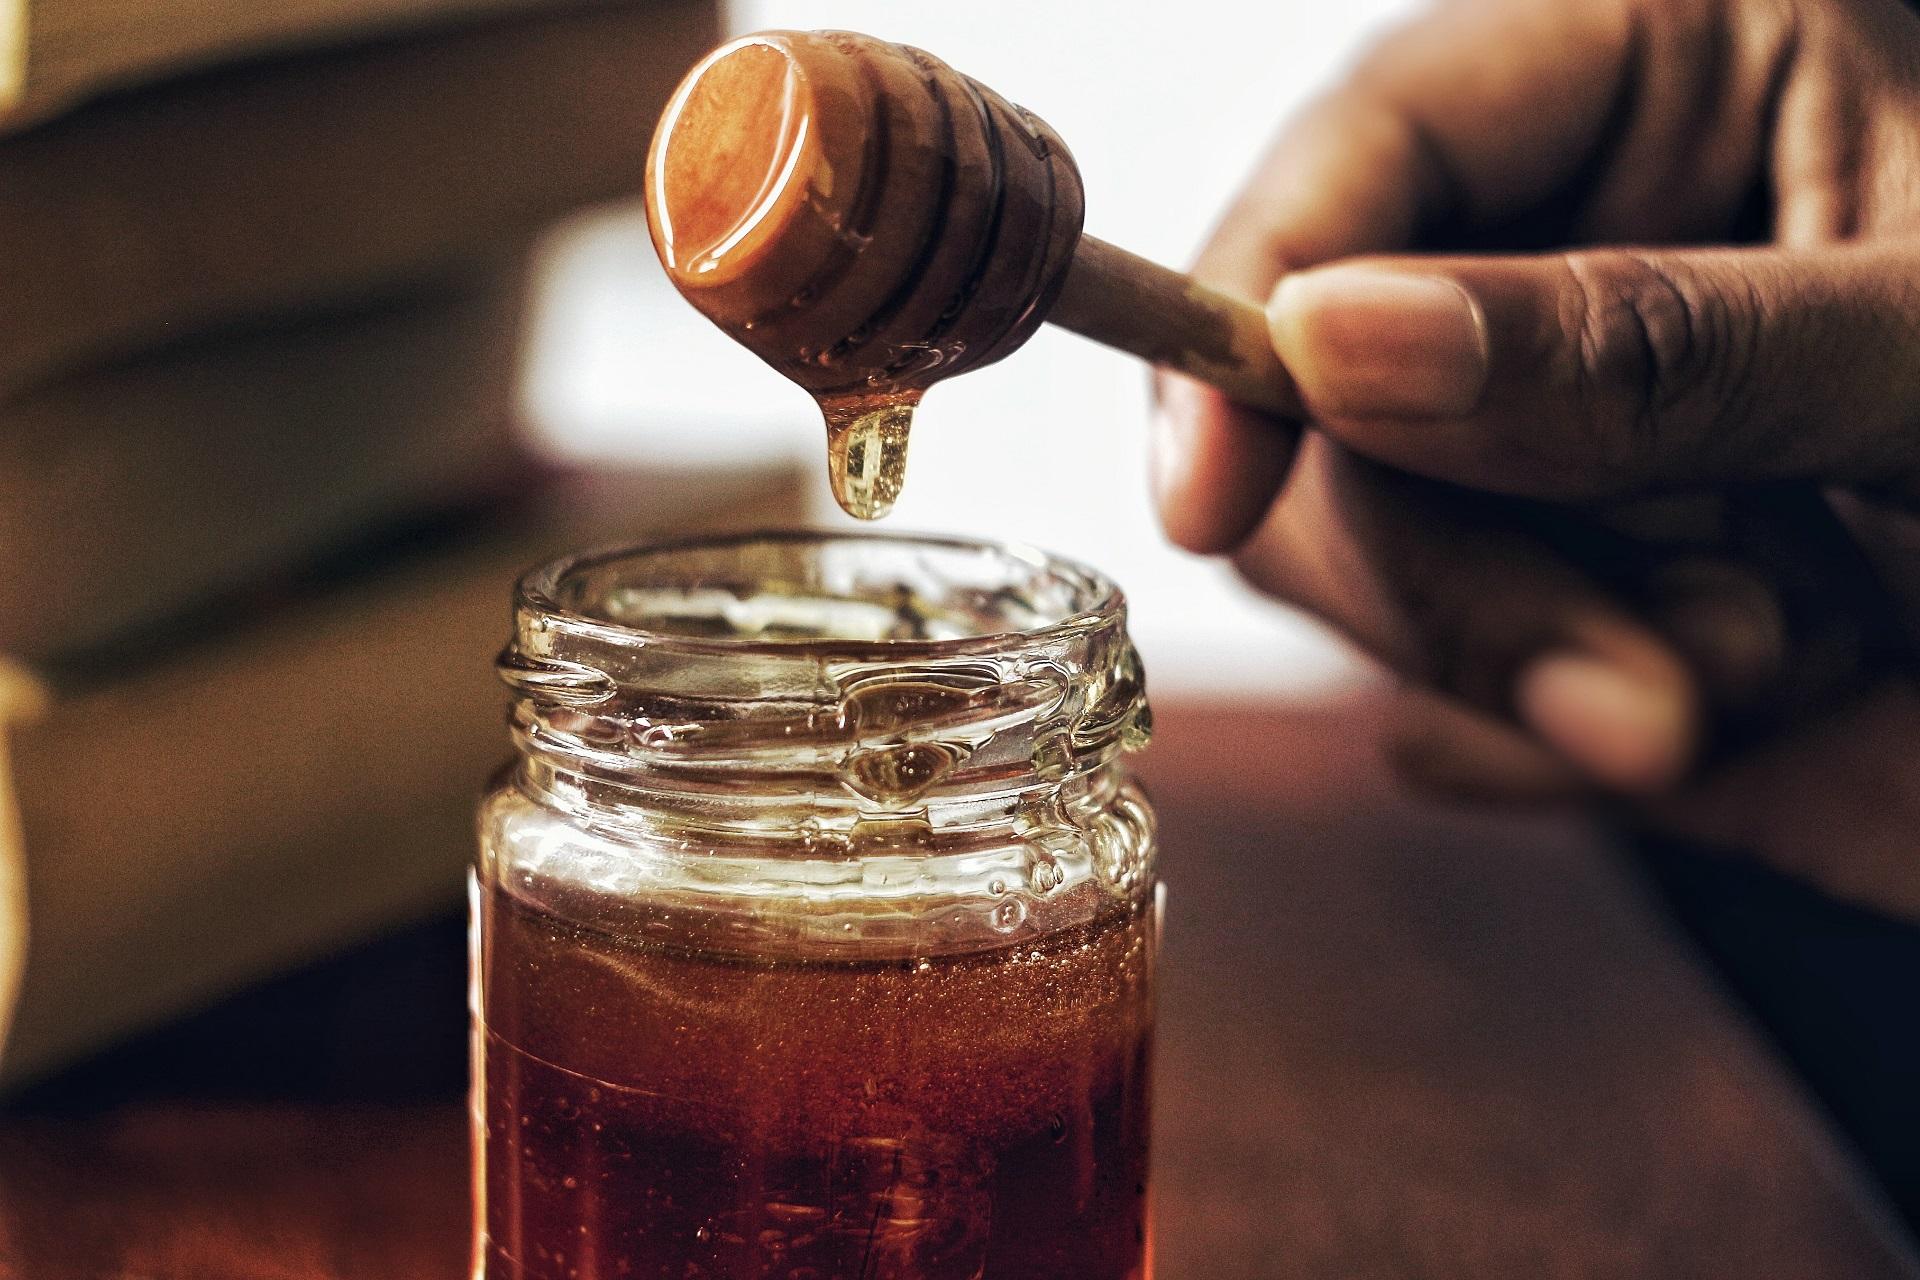 """D.Tamašauskienė: """"Medaus kaina turėtų ūgtelėti. Apskritai medaus kaina neatitinka įdirbio."""" Asociatyvi Unsplash nuotr."""